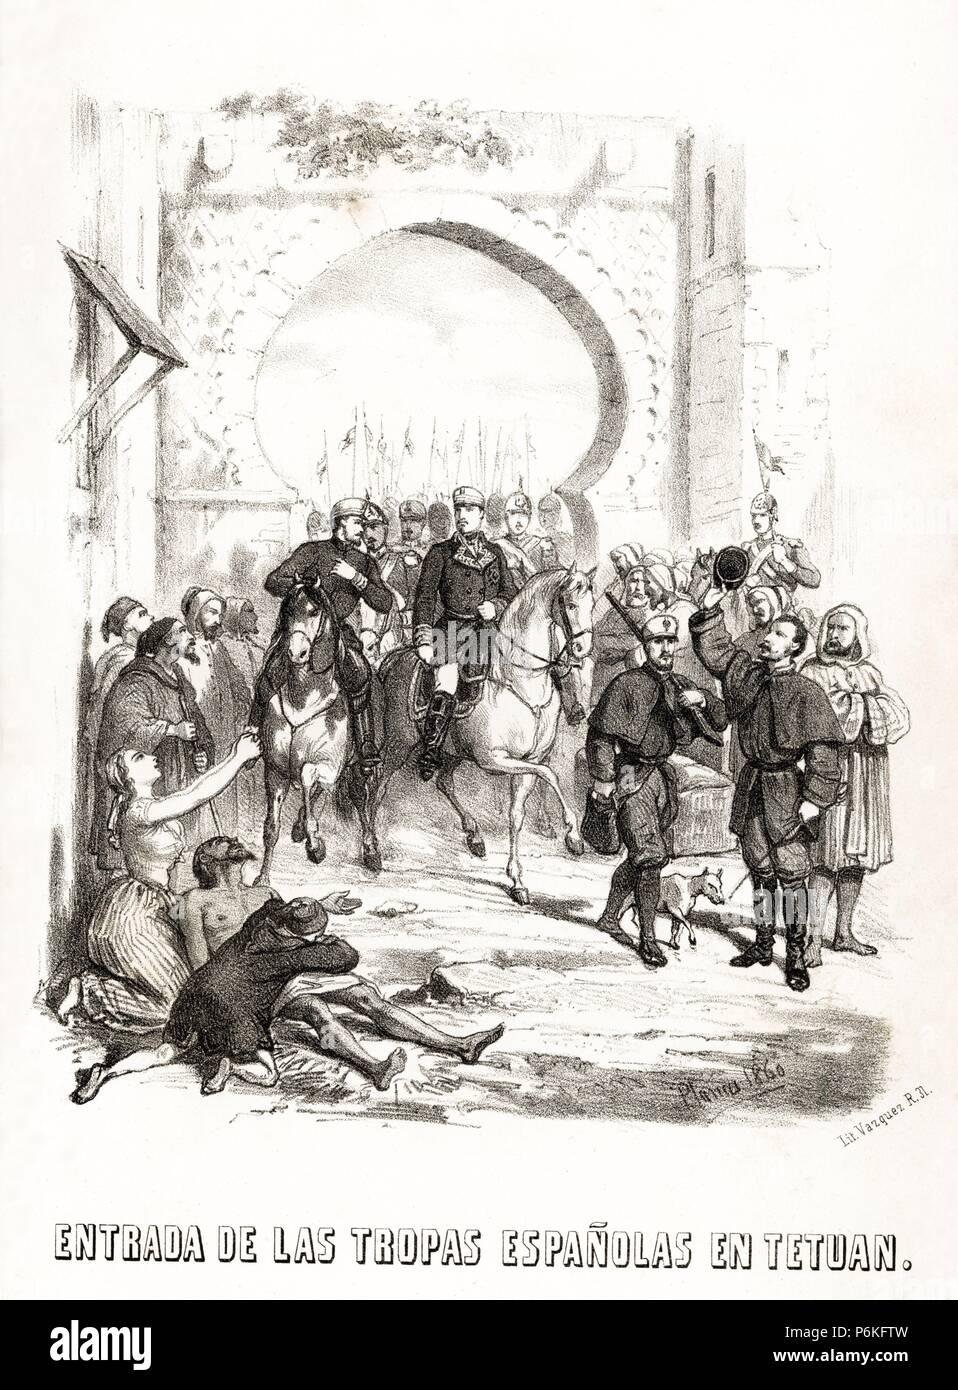 España. Guerra de África. Entrada de las tropas españolas en Tetuán. Grabado de 1860. Stock Photo